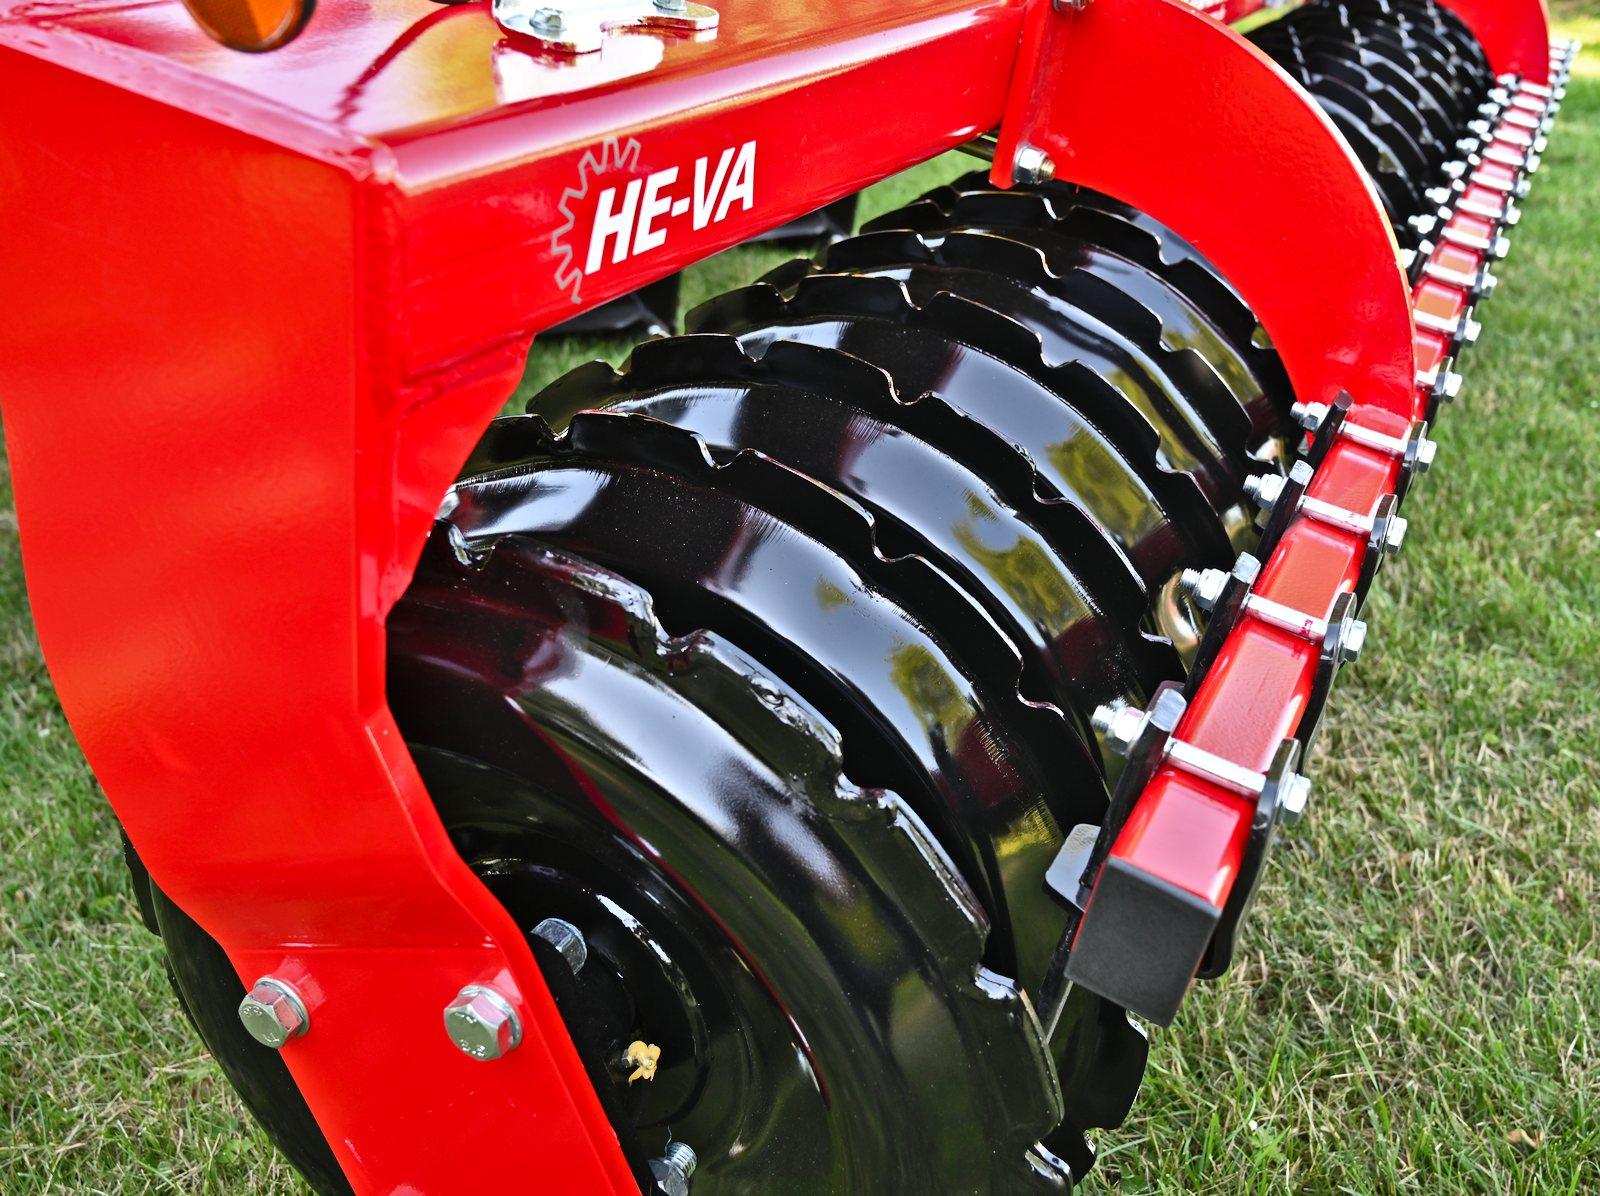 HE-VA Sub Tiller - robuster Tiefenlockerer